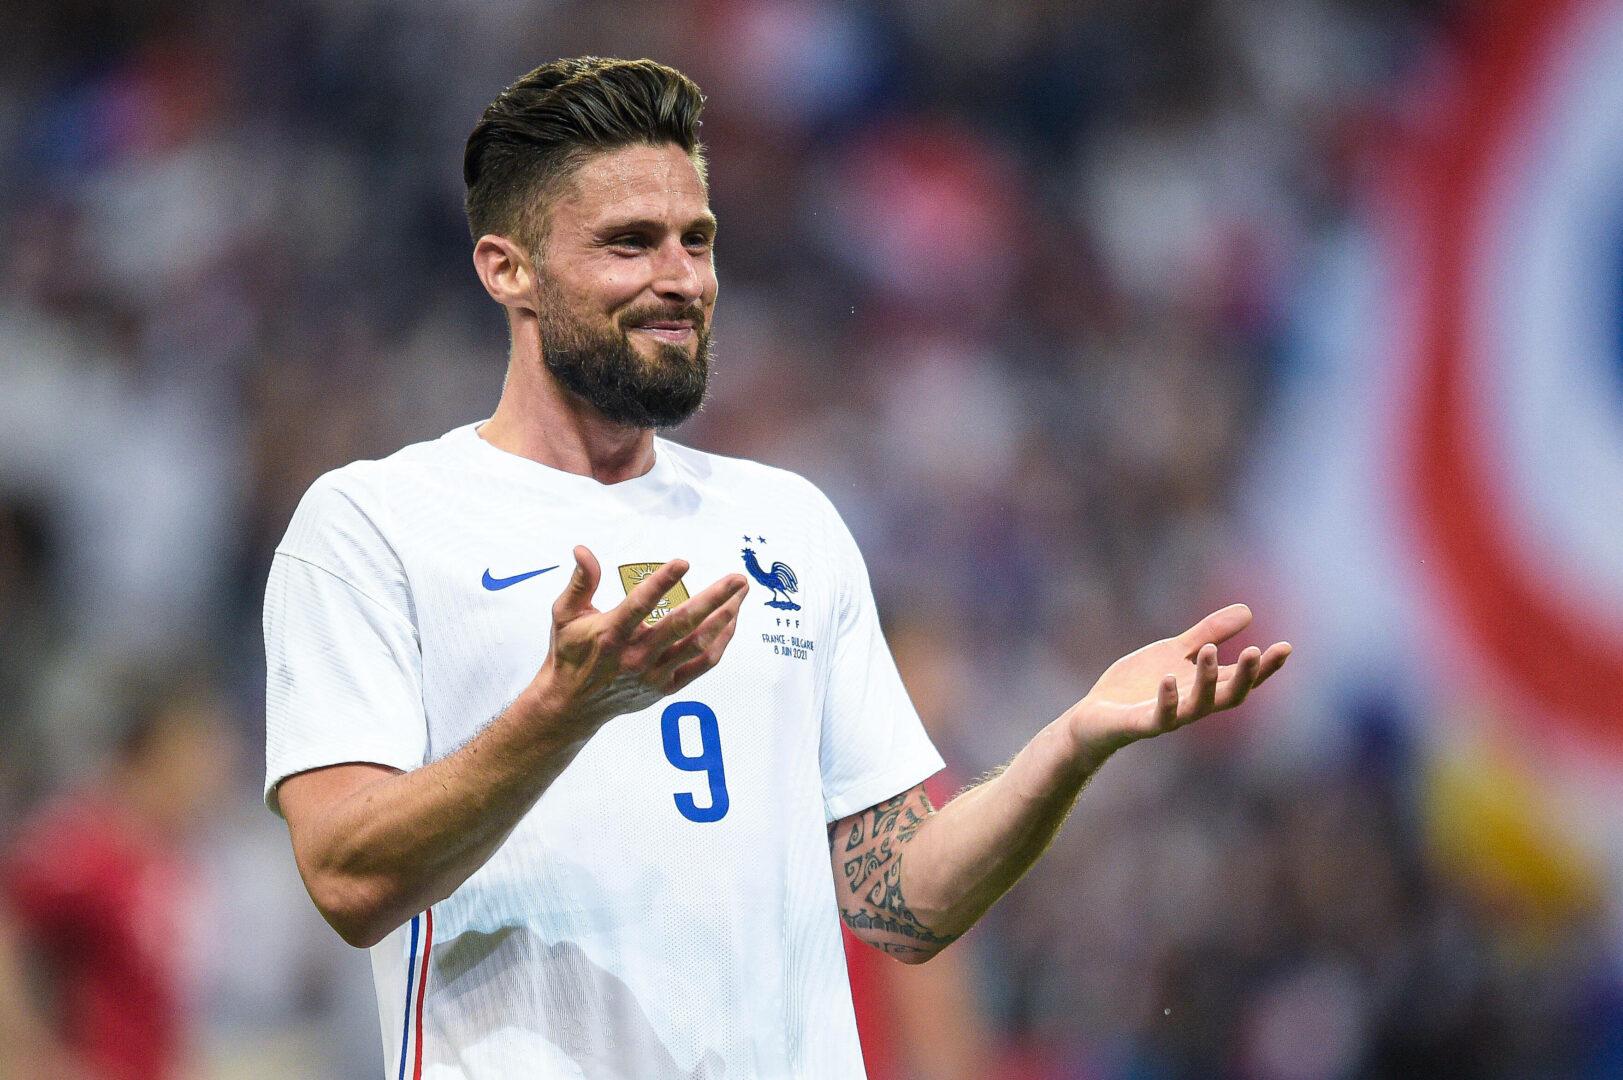 AC Milan bestätigt Verpflichtung von Olivier Giroud